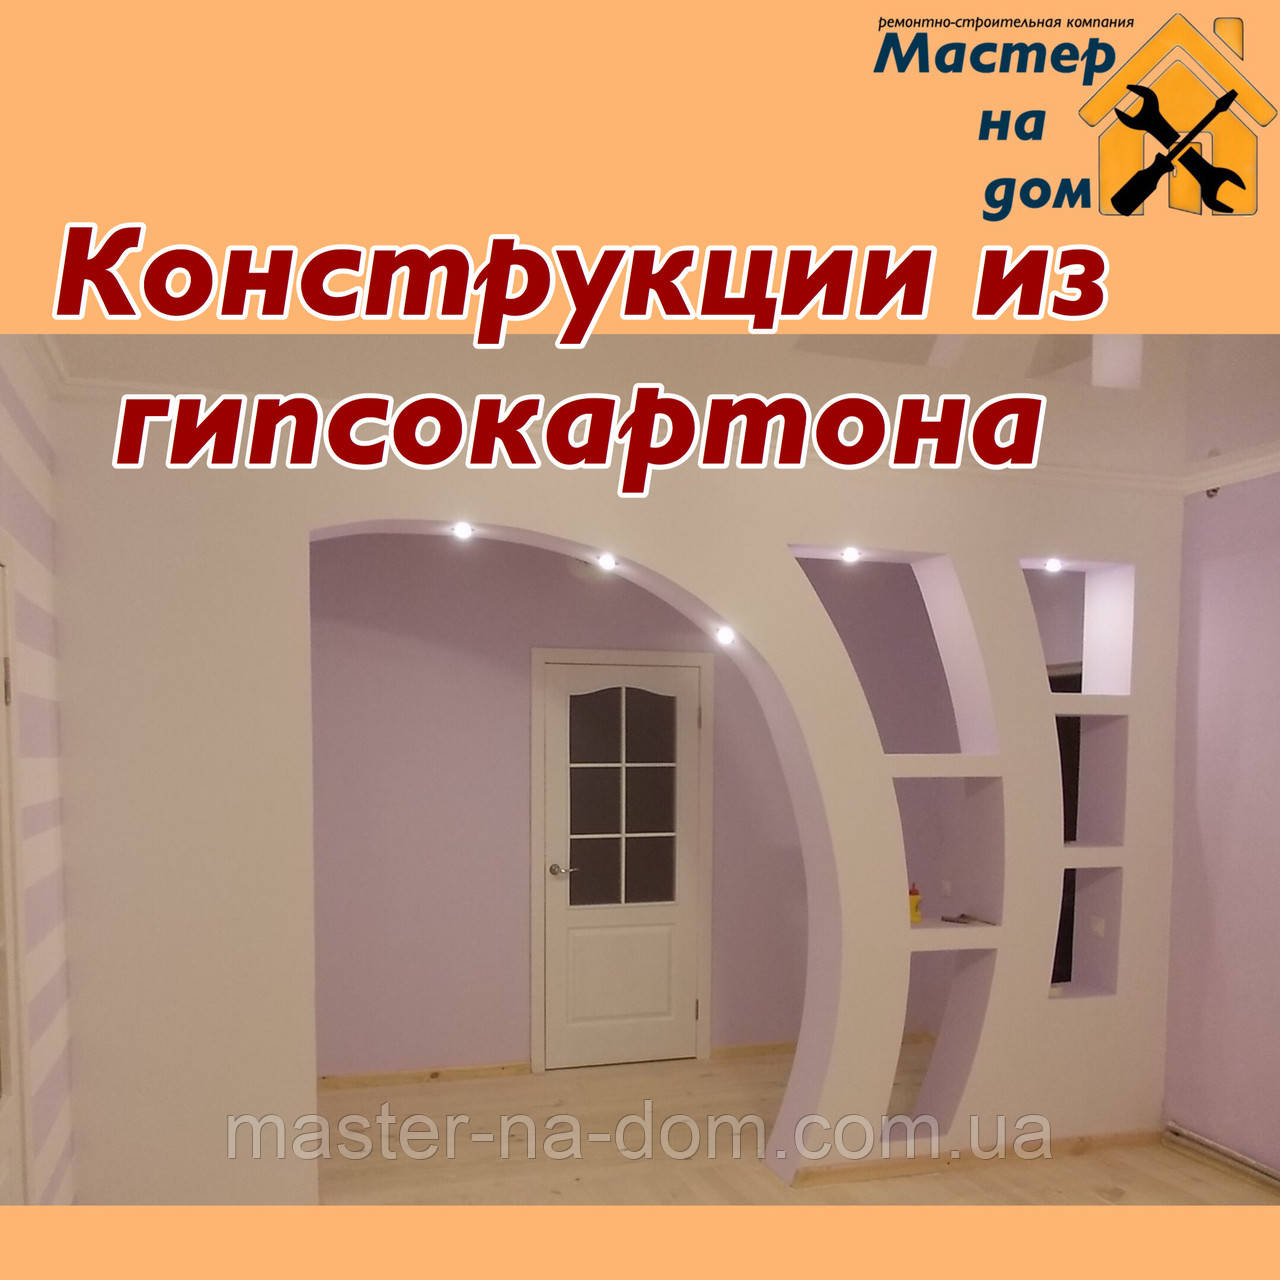 Конструкции из гипсокартона в Тернополе, фото 1